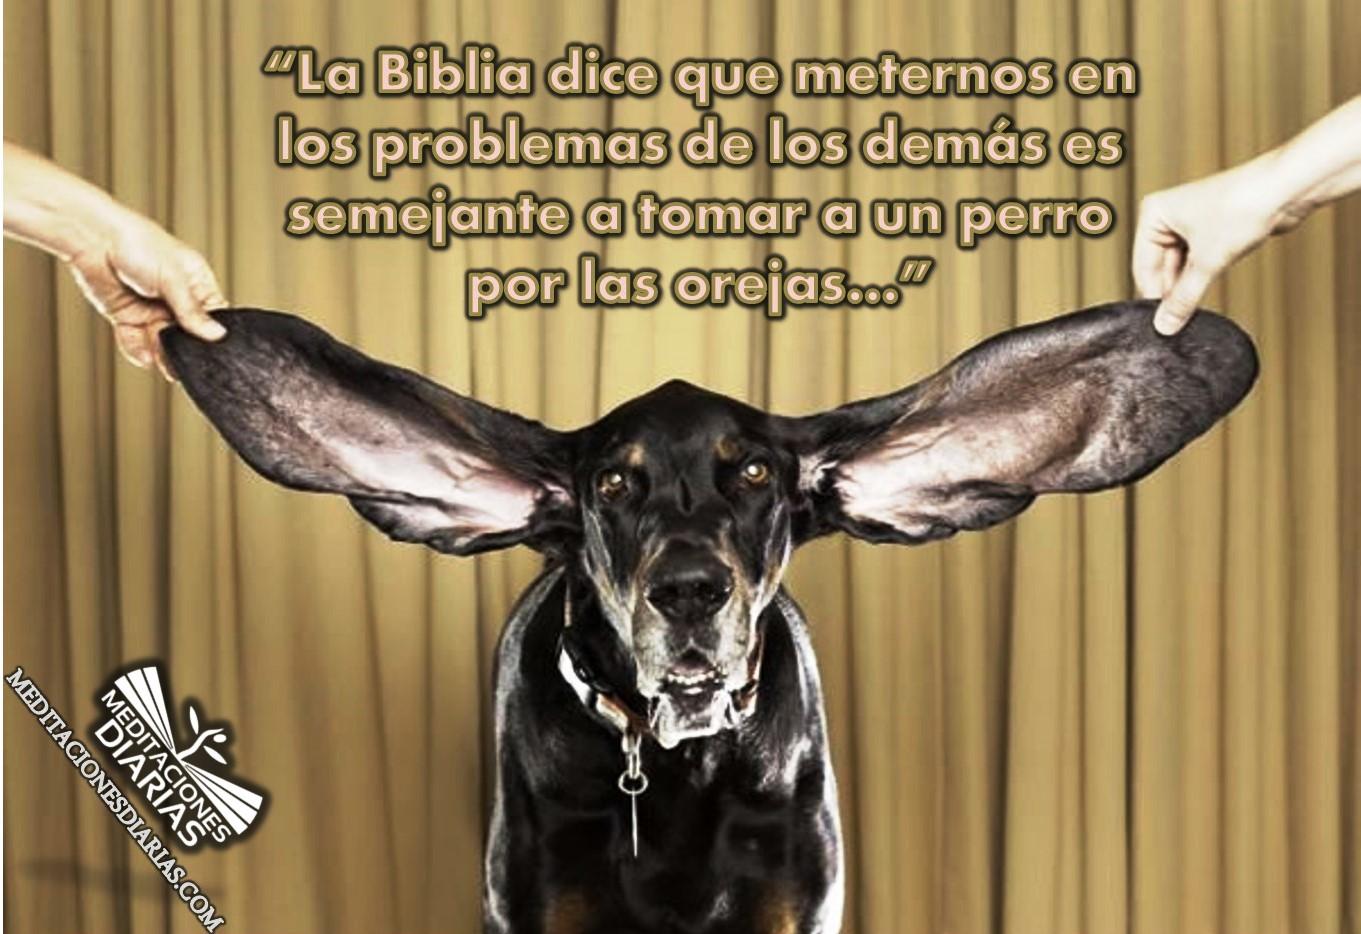 Las orejas de los perros